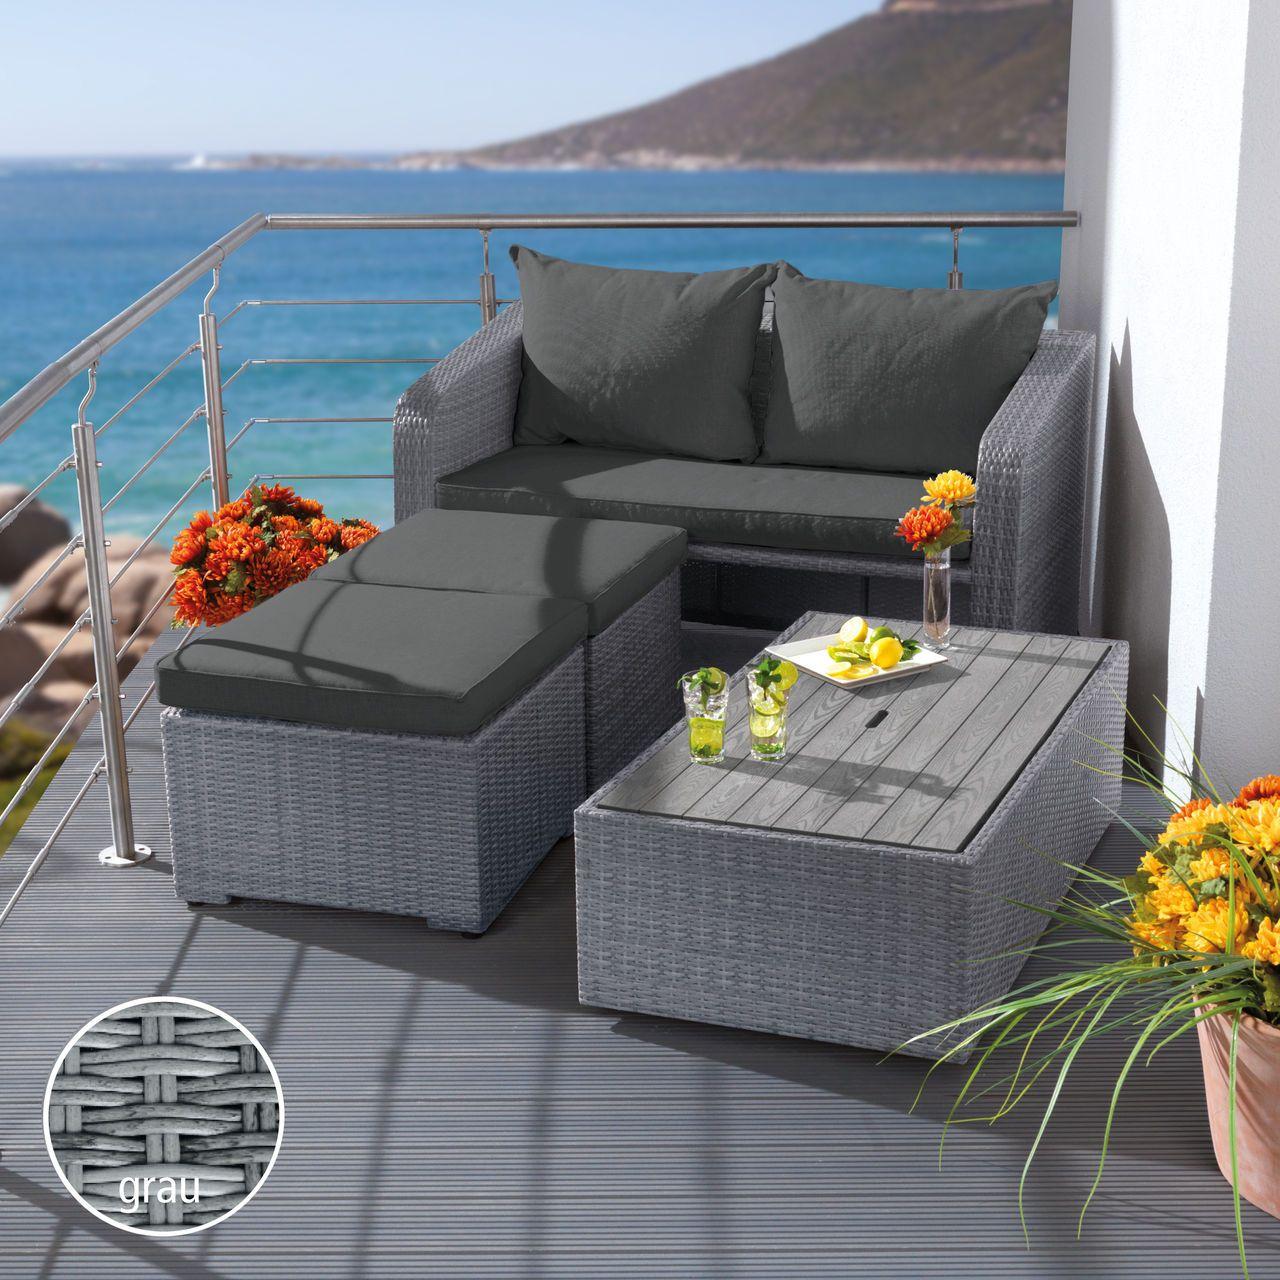 Kleine Loungemöbel Balkon | Glatz Balkonschirm Alu-smart ...